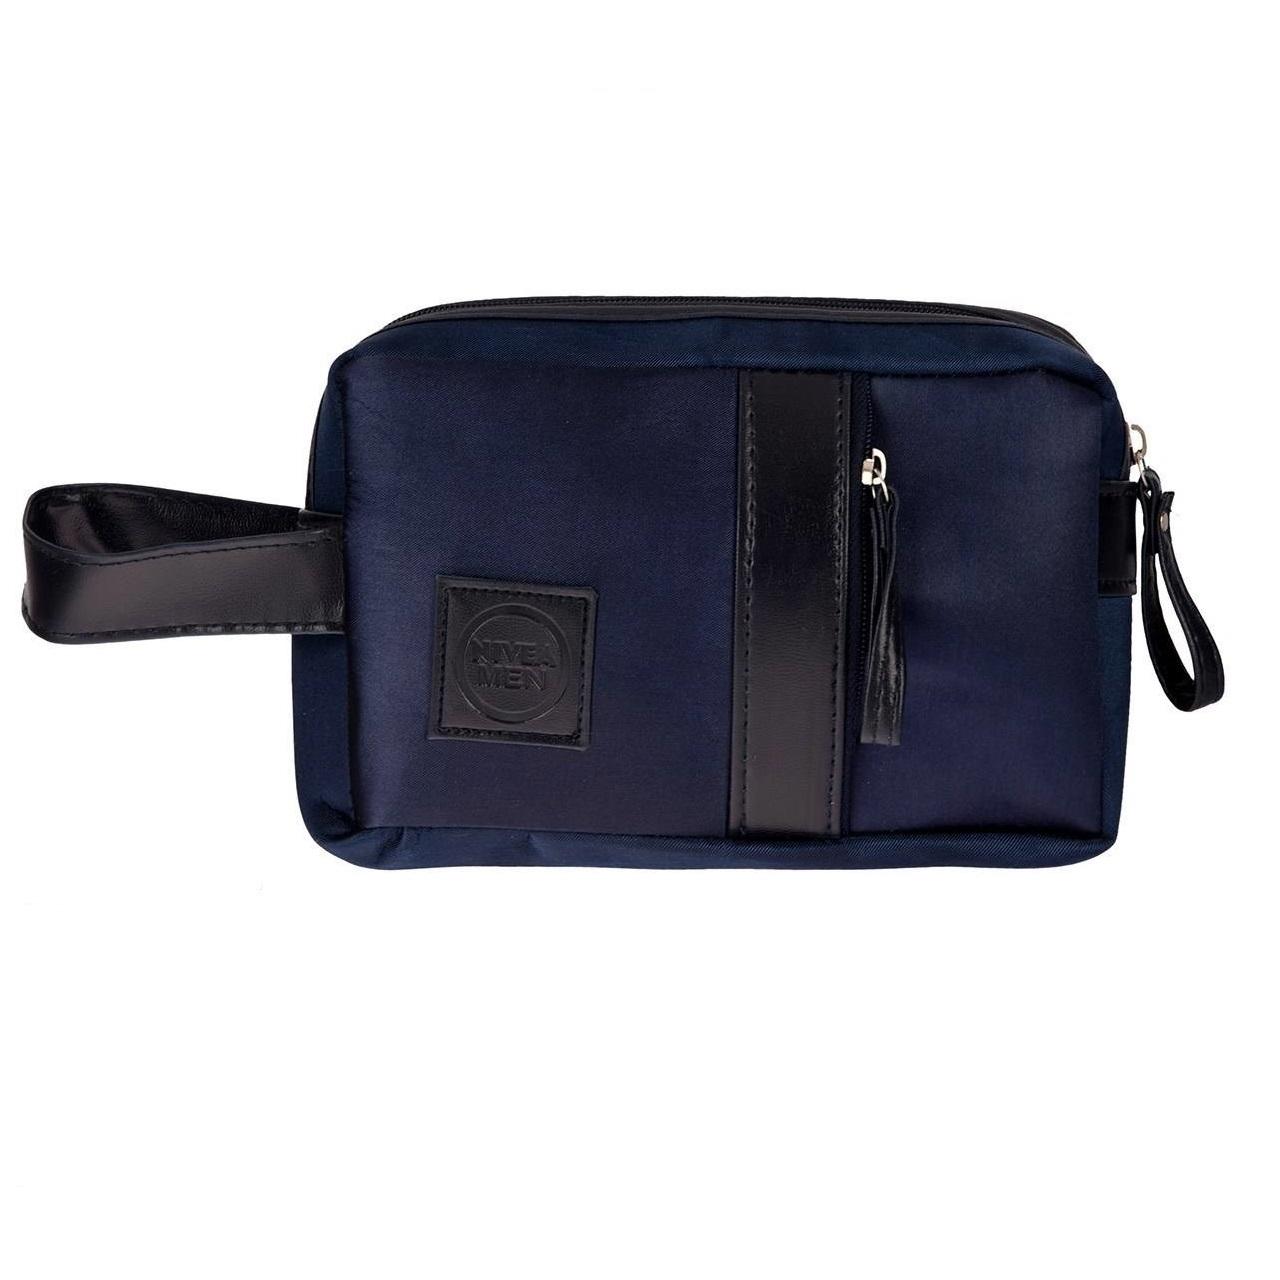 قیمت کیف لوازم آرایشی نیوآ مدل 01